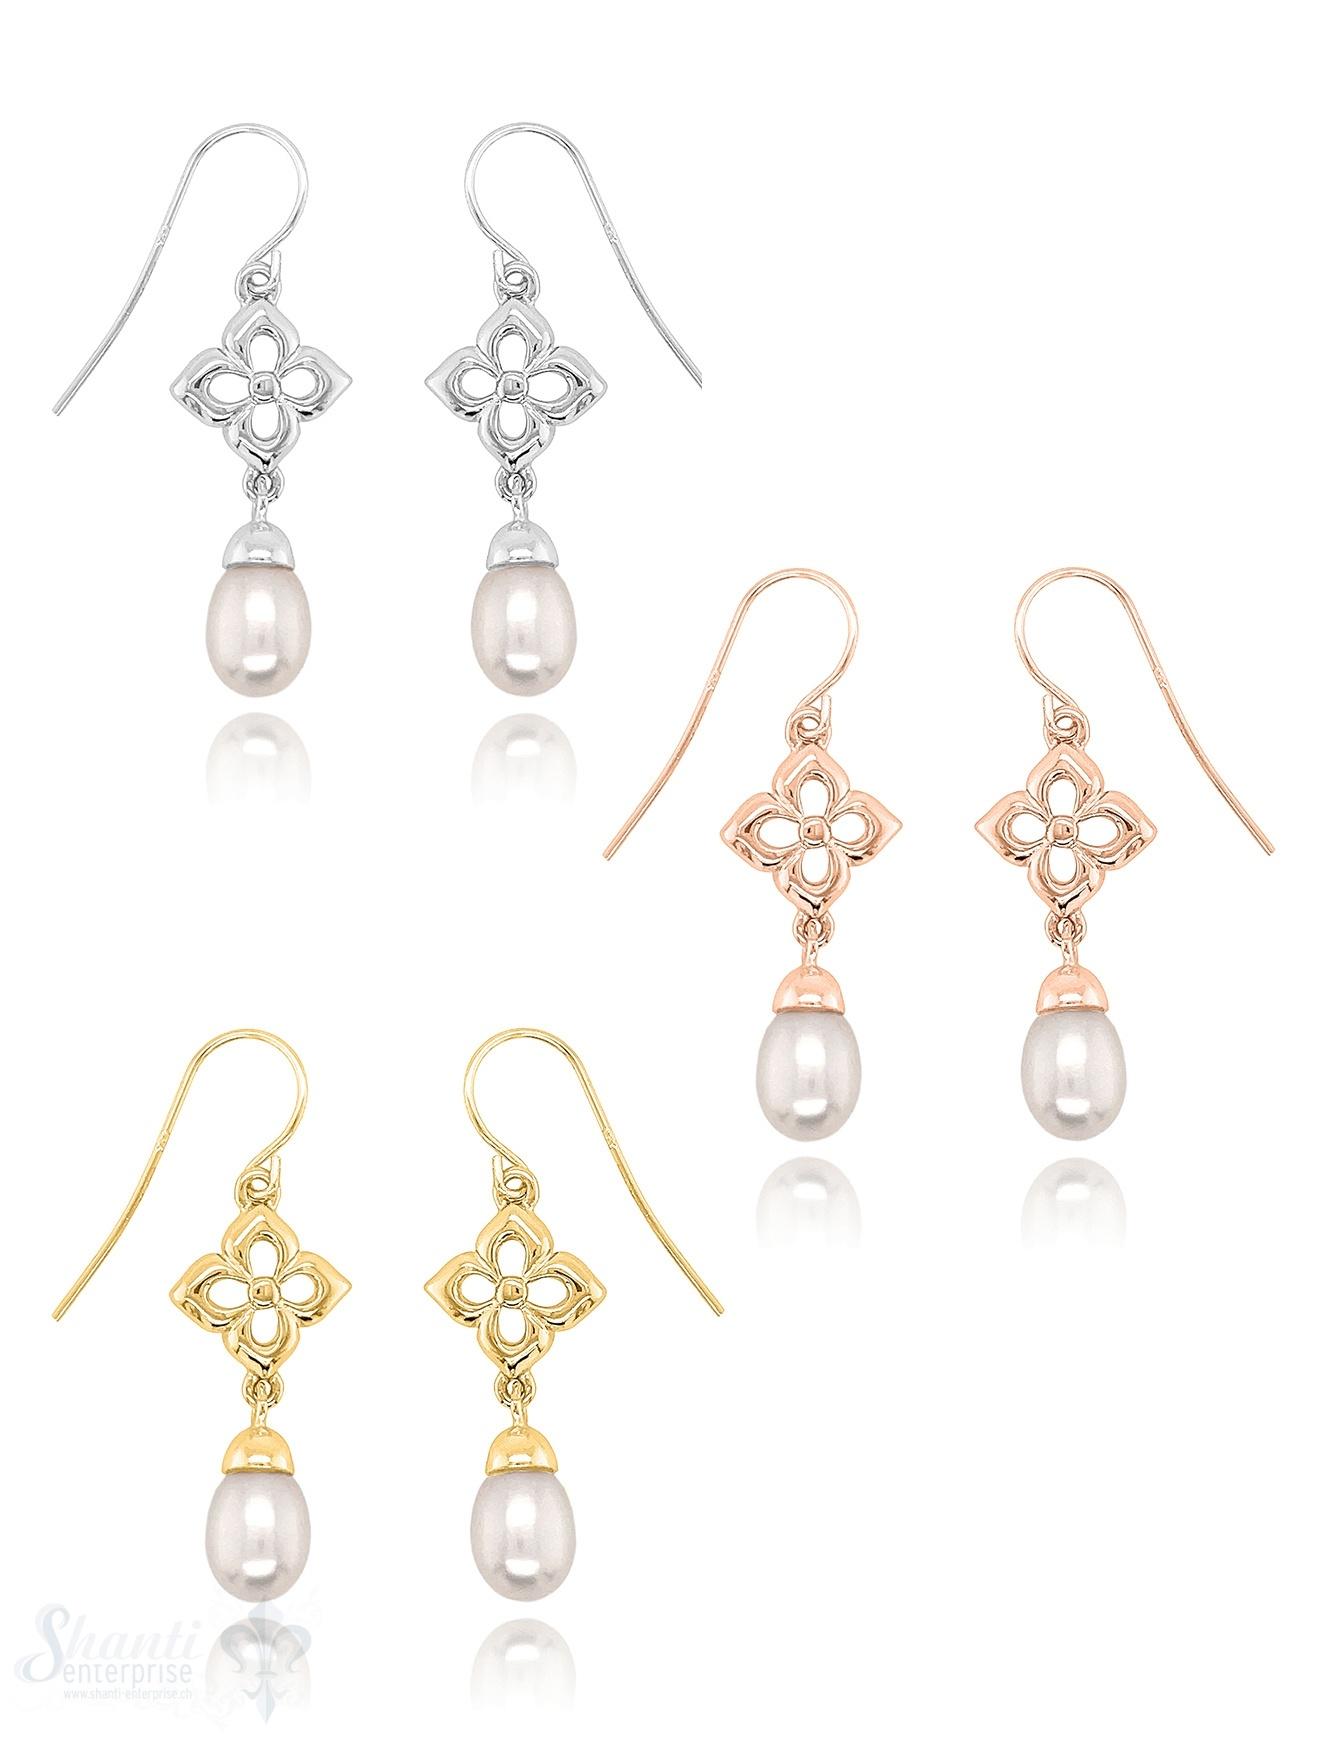 Perlen Ohrhänger 12x28 mm an Blumen 4-blättrig mit Bügel Perlen Tropfenform Silber 925